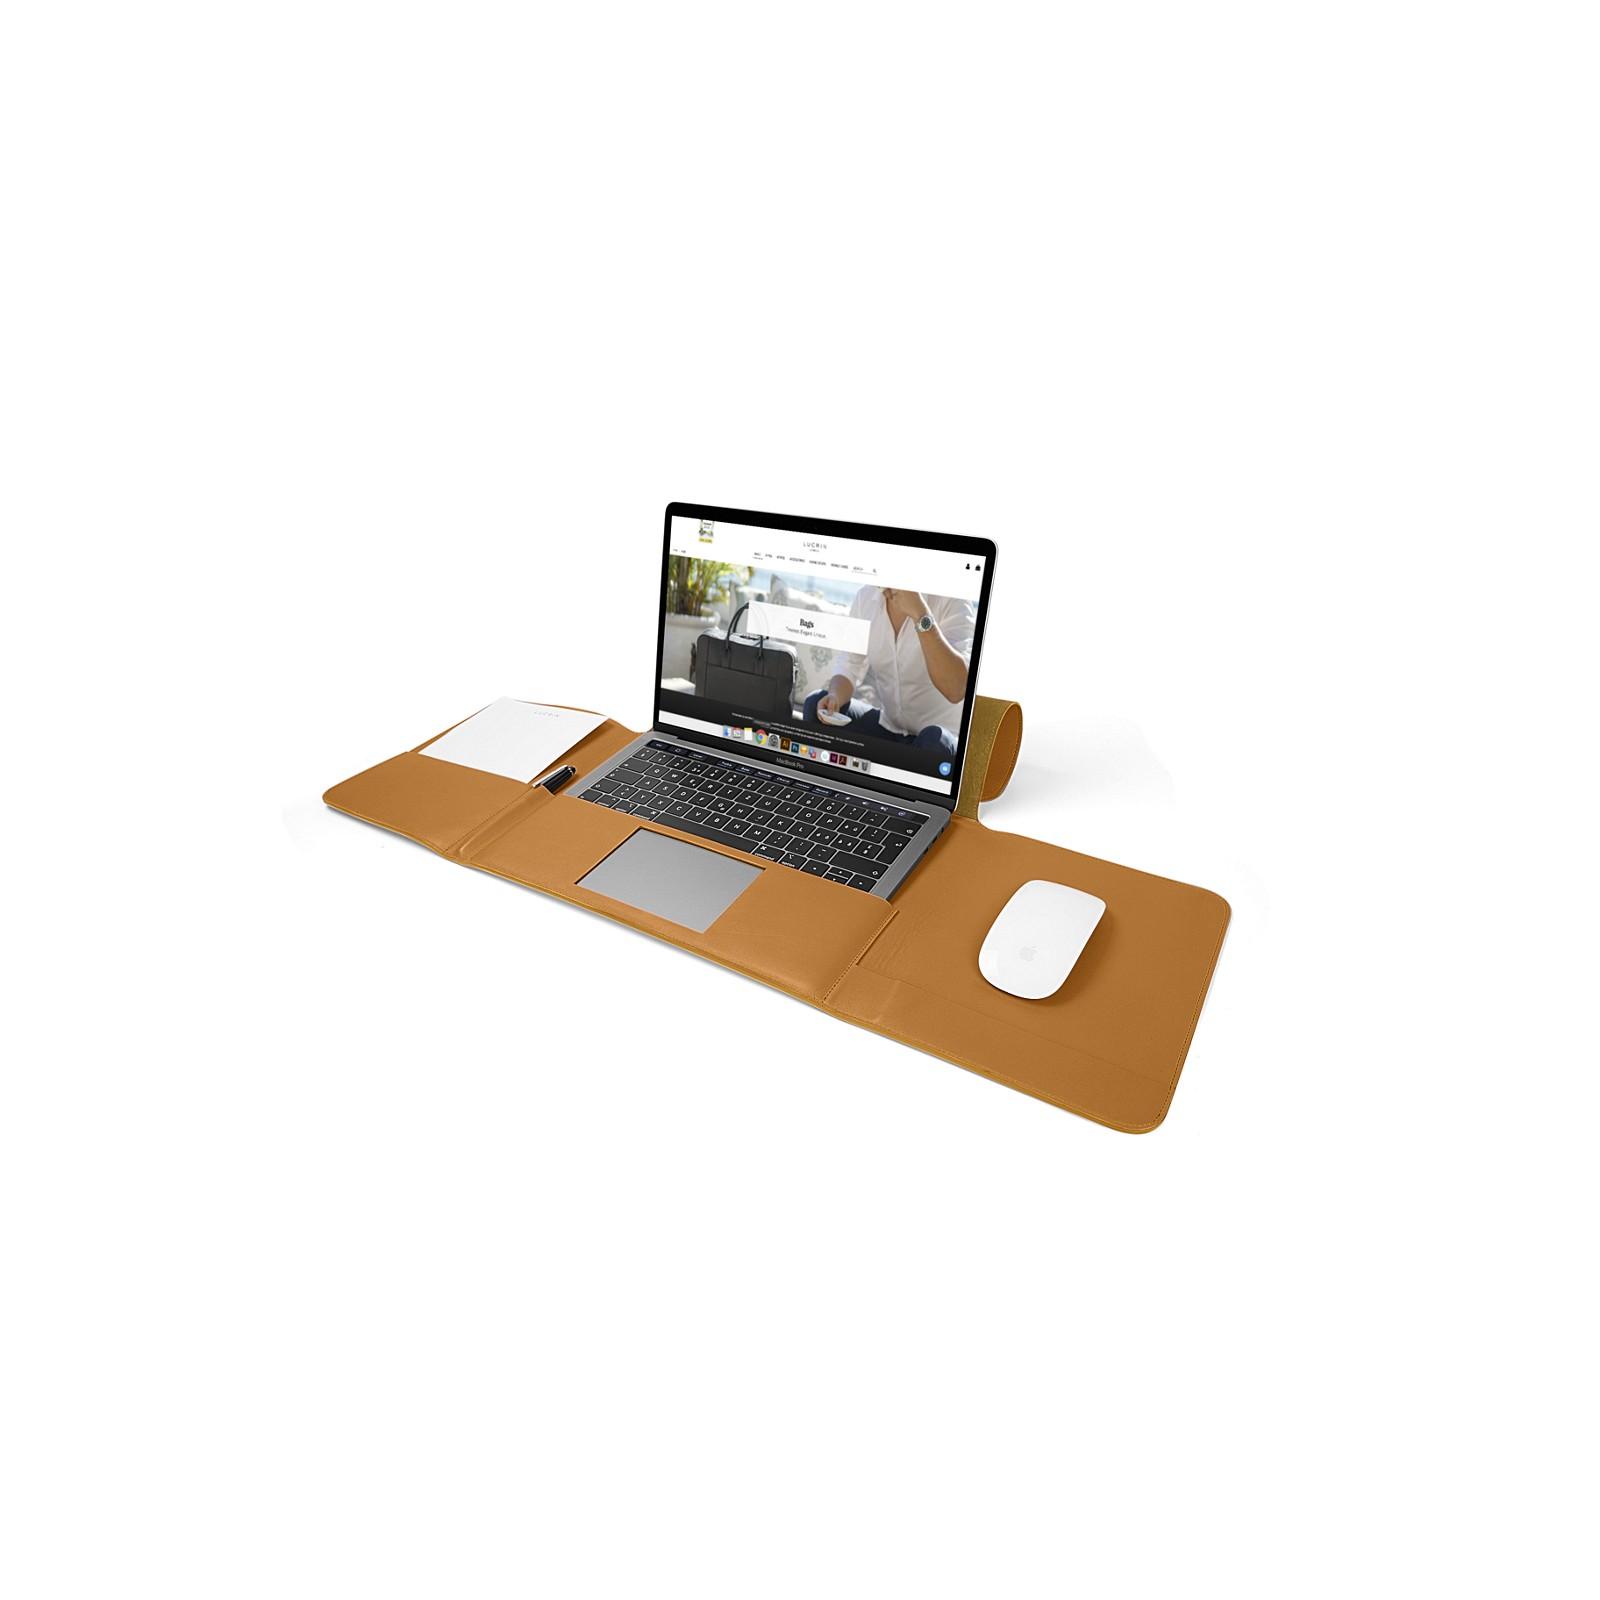 reputable site 3f8a6 e437a MacBook Pro Case 13-inch